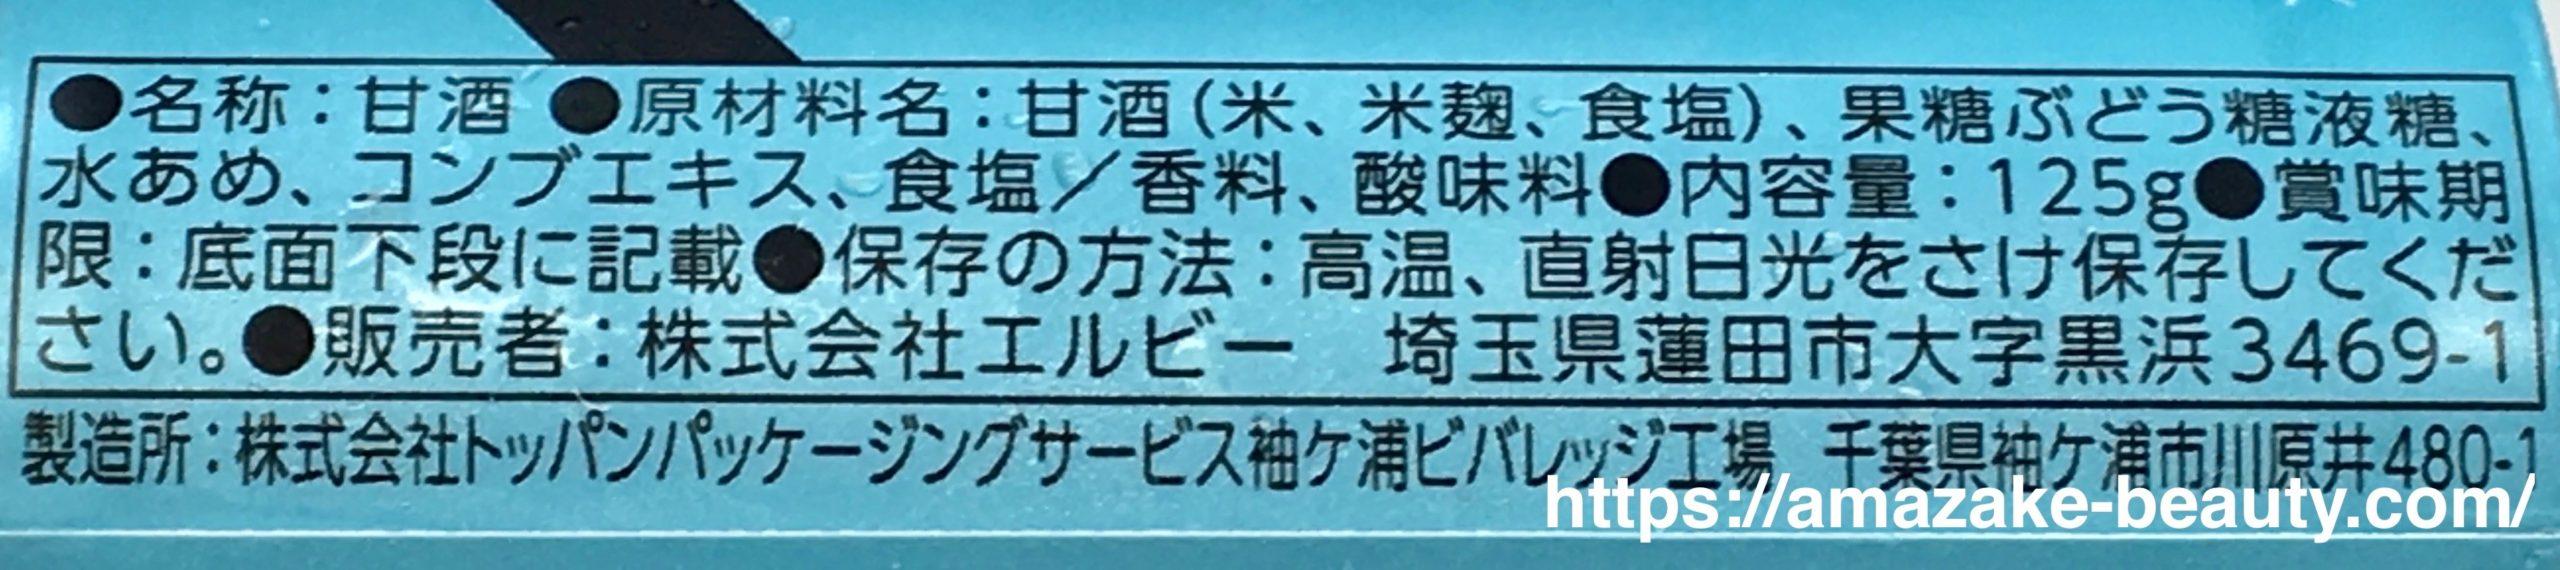 【甘酒】エルビー『なだ万監修 甘酒 塩仕立て』(商品情報)